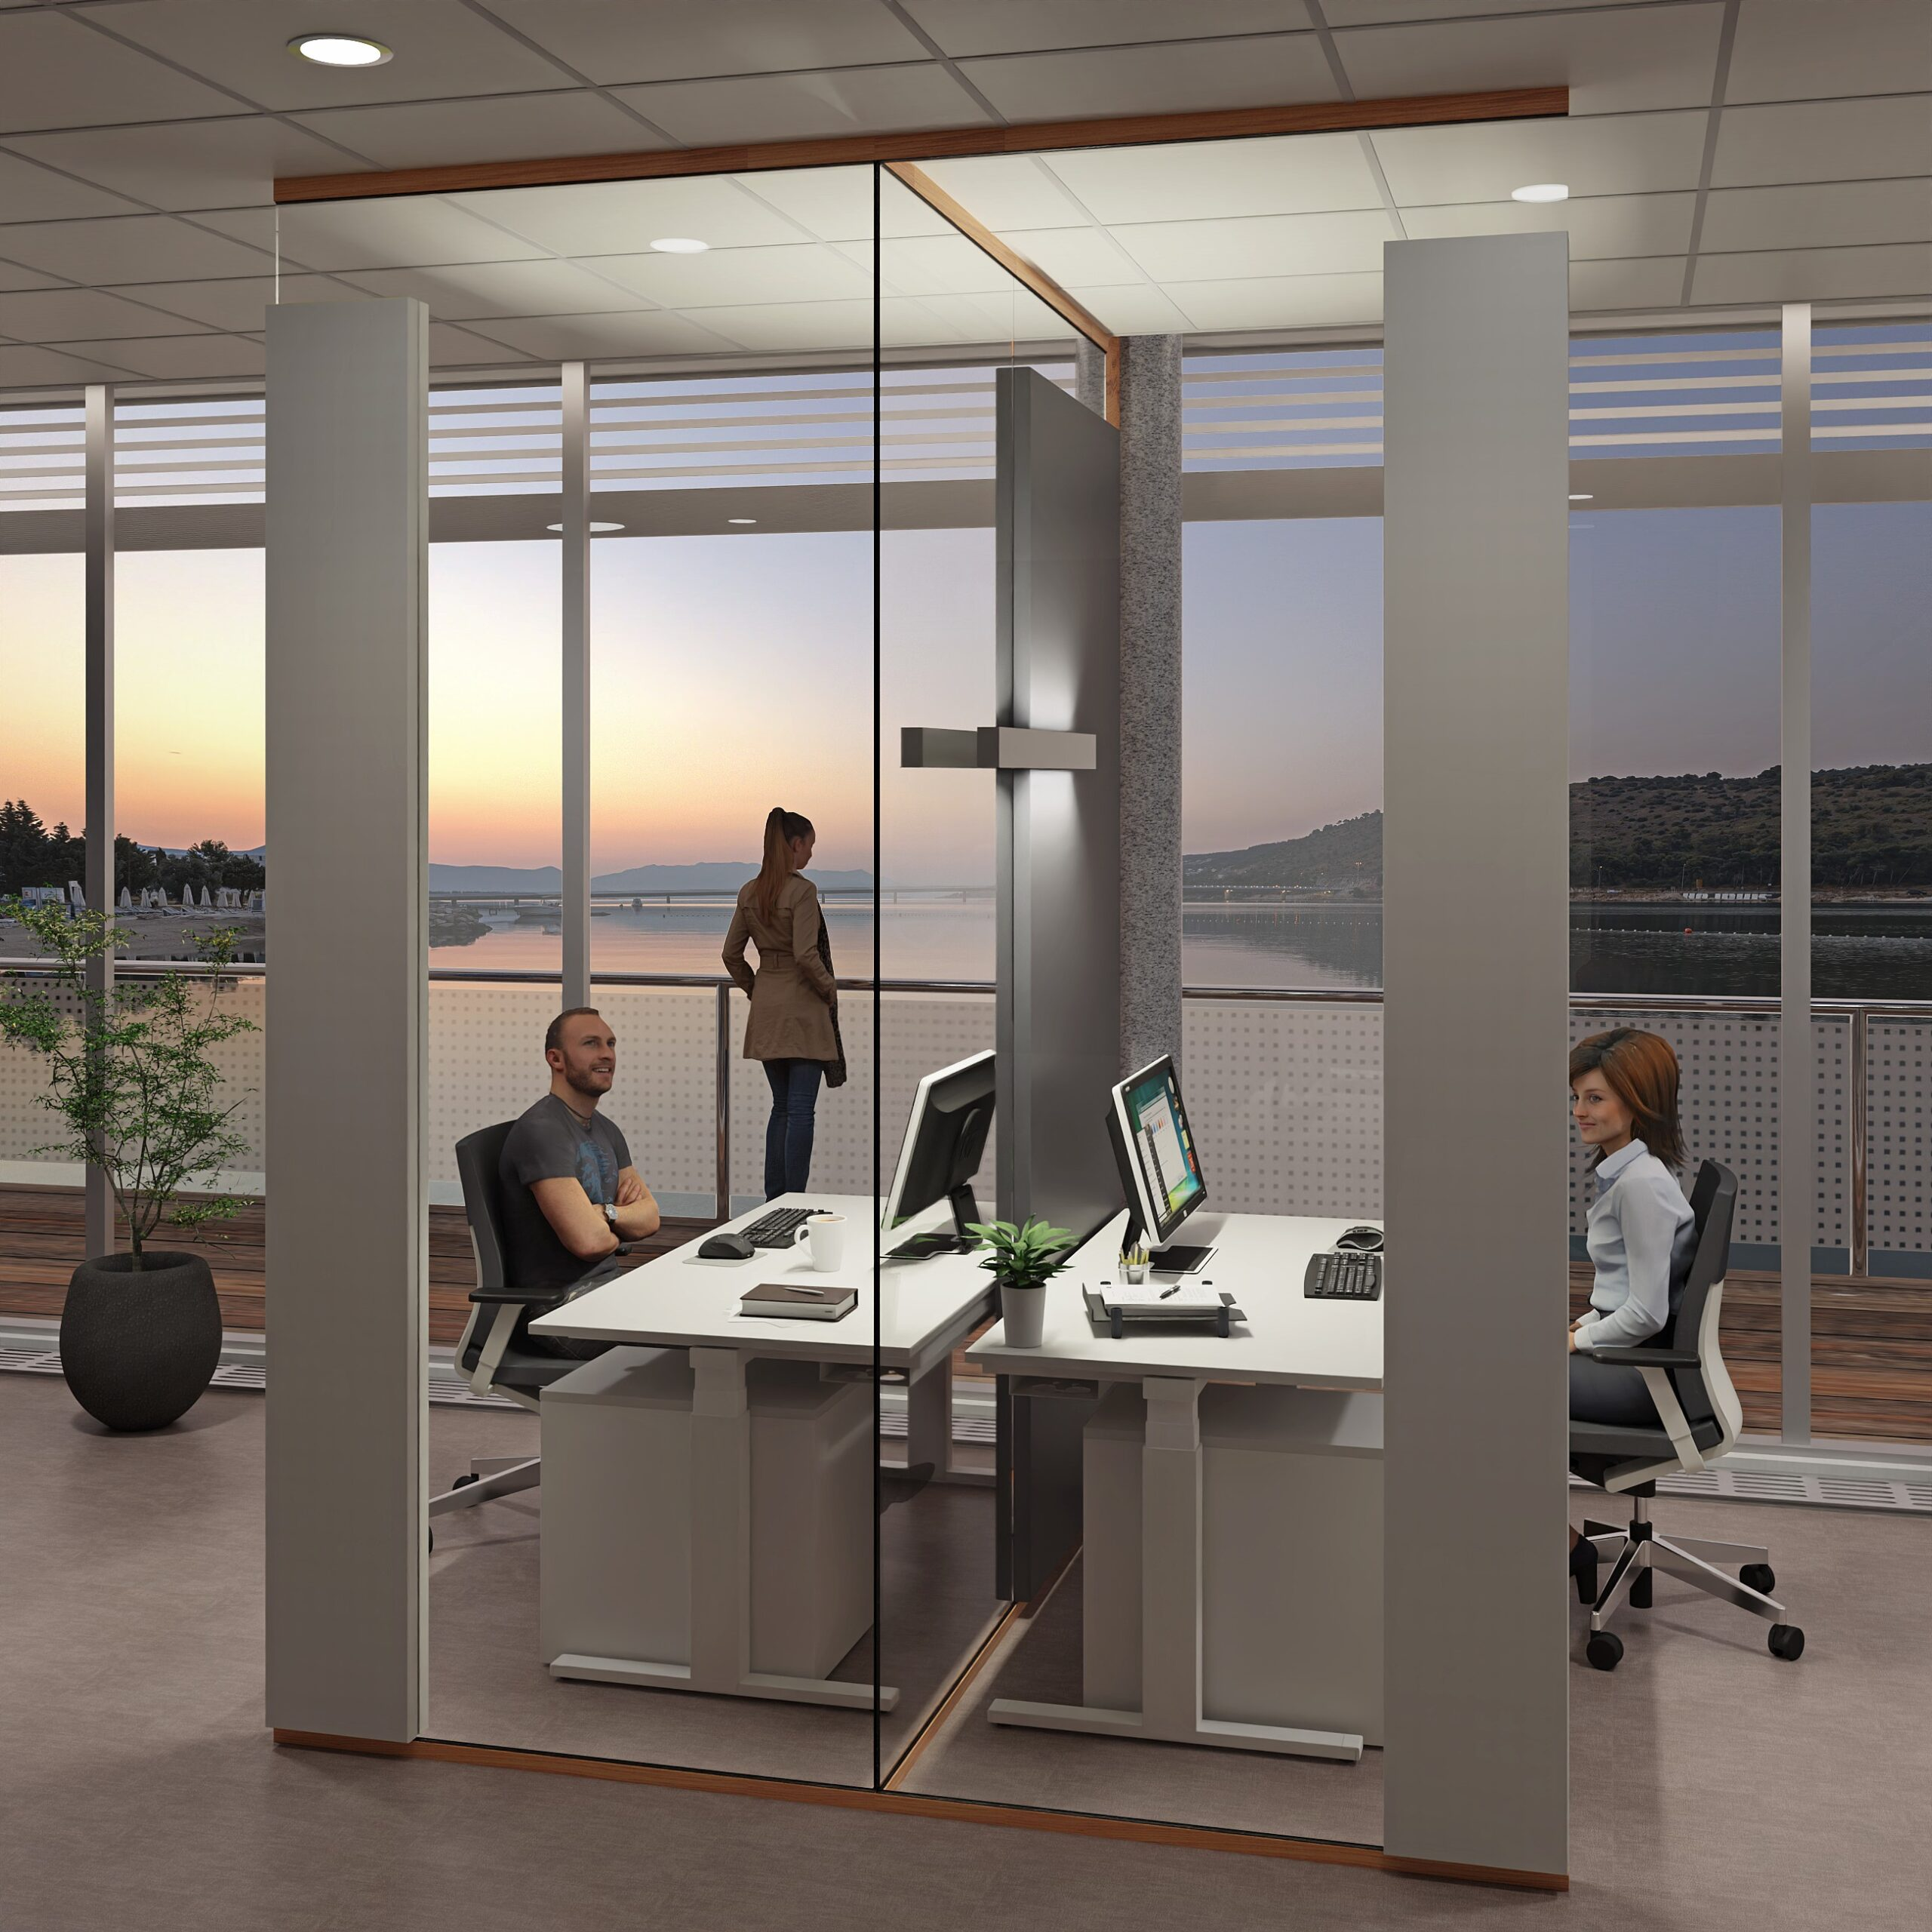 Glas Trennwand PreGlass als Akustik Trennwand in T-Position für Schallschutz im Büro in Abendszene